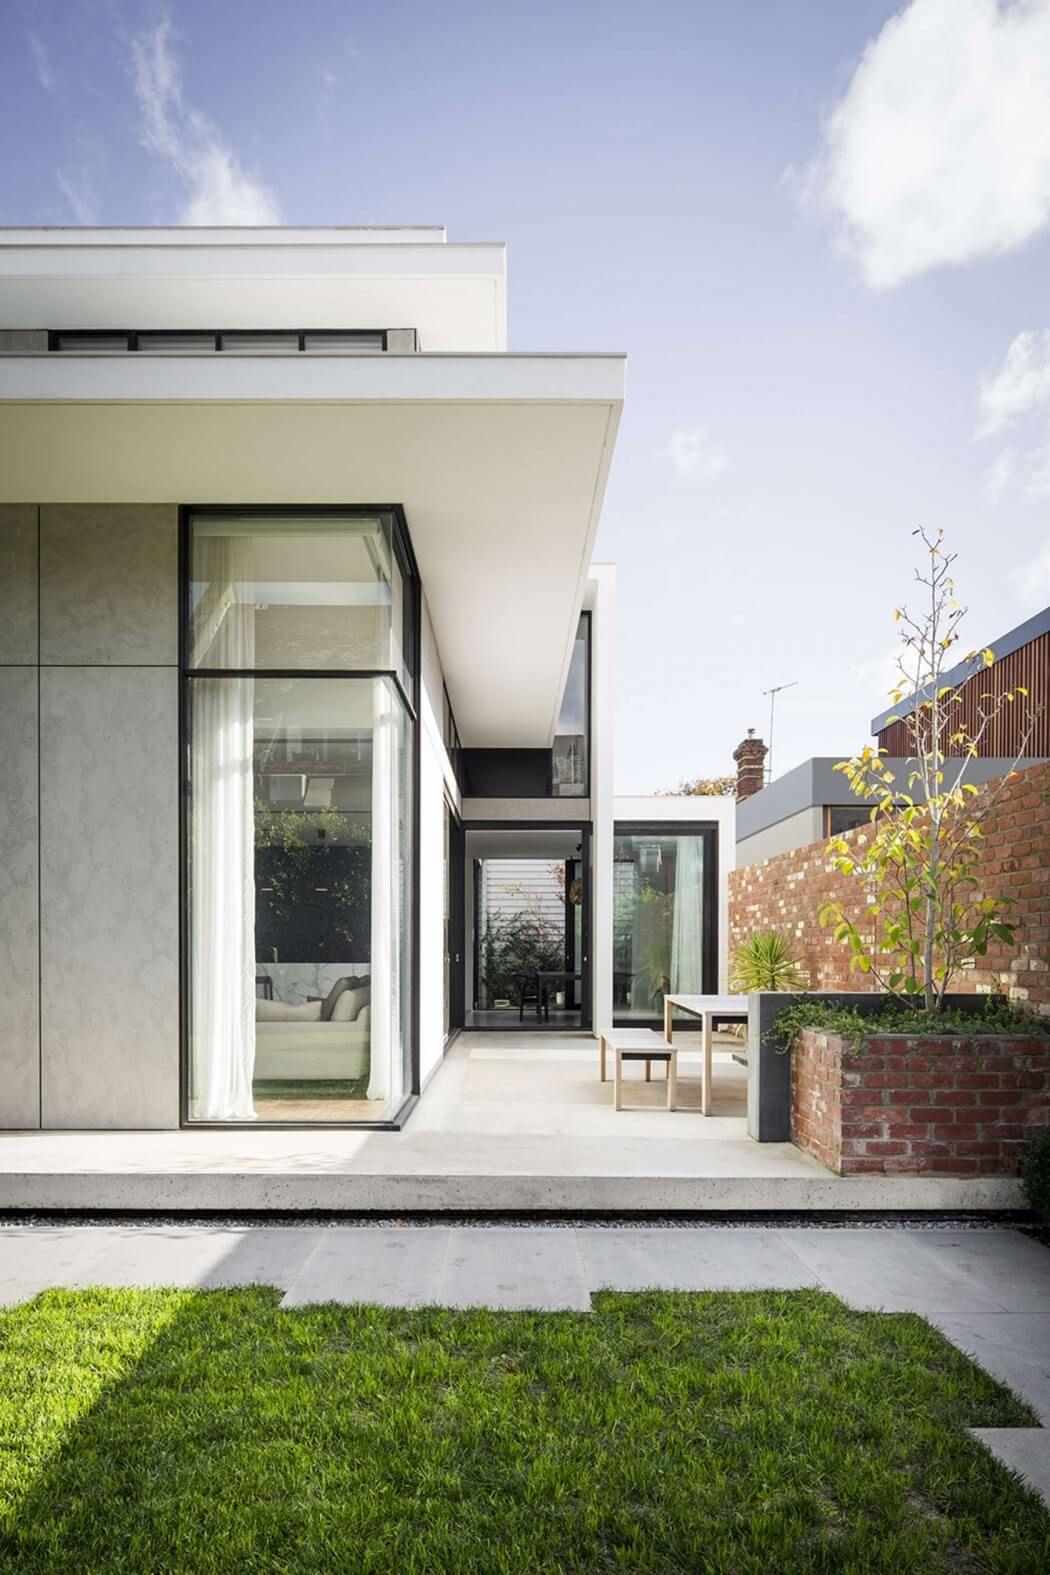 Schön Moderne Hauseingänge Ideen Von Innenhof, Eingang, Melbourne Australien, Architektur, Häuser, Würfel,